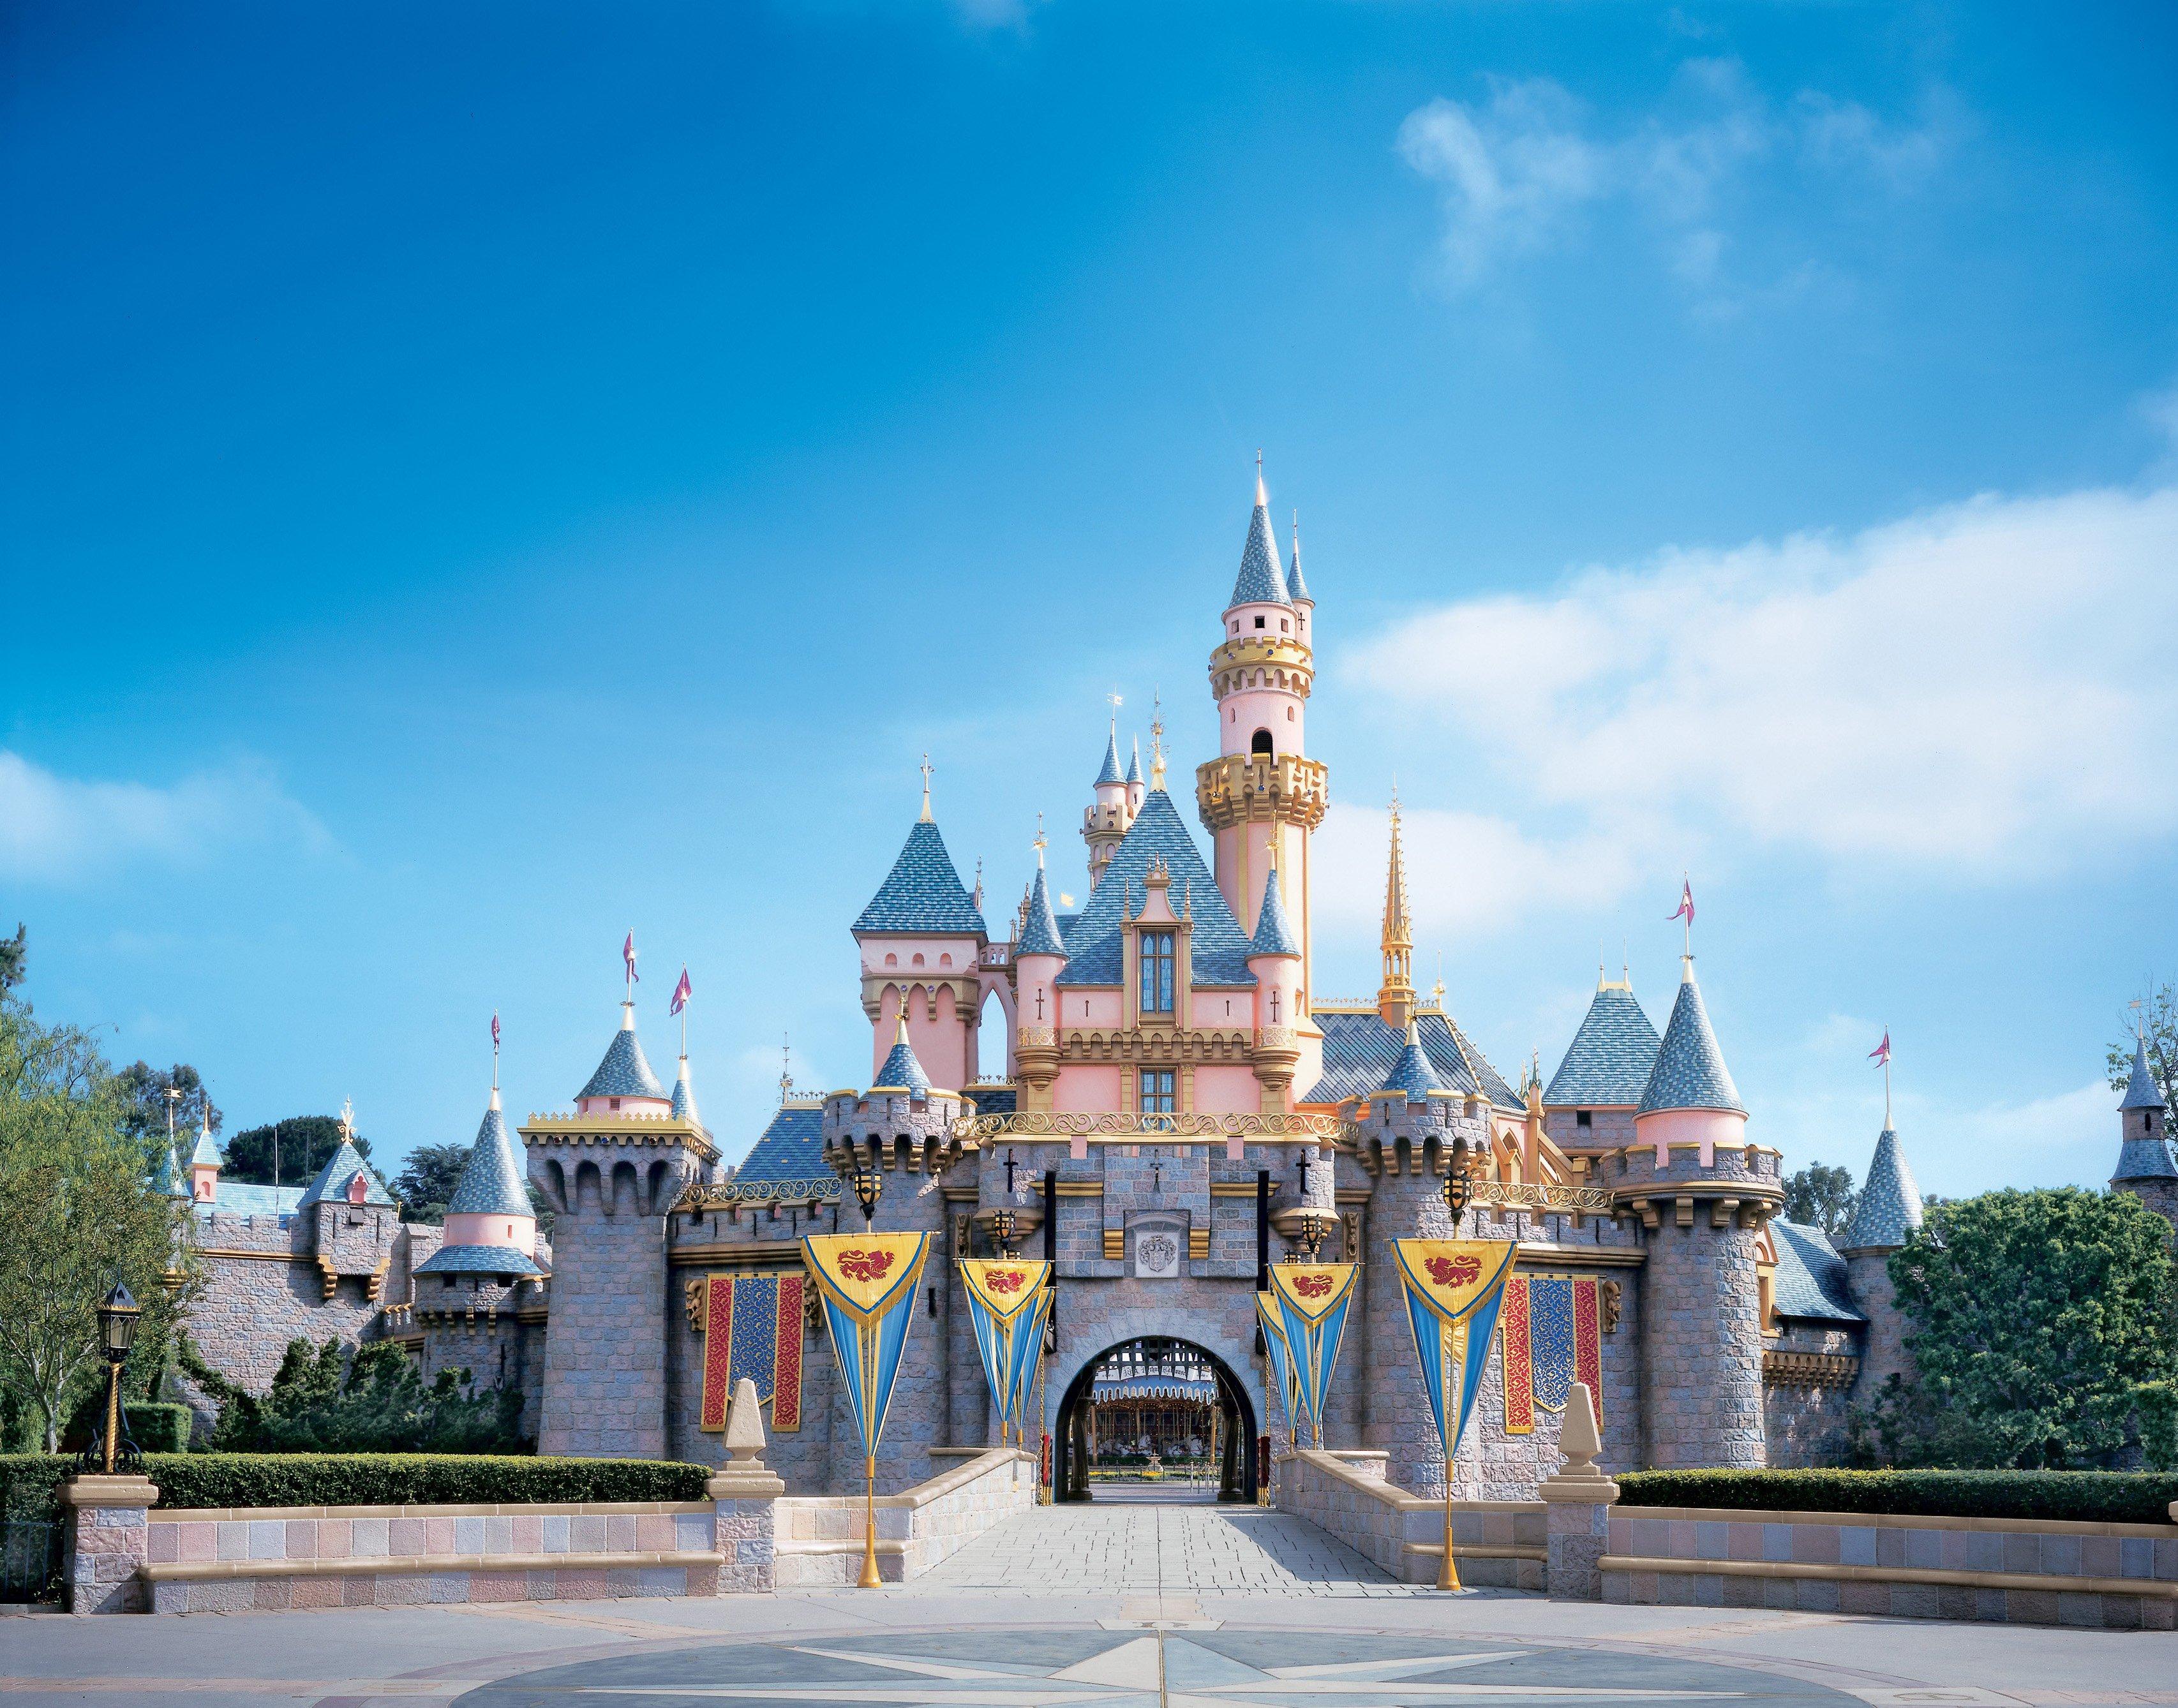 公主知道哪個才是她家嗎?迪士尼樂園城堡超級比一比公主知道哪個才是她家嗎?迪士尼樂園城堡超級比一比